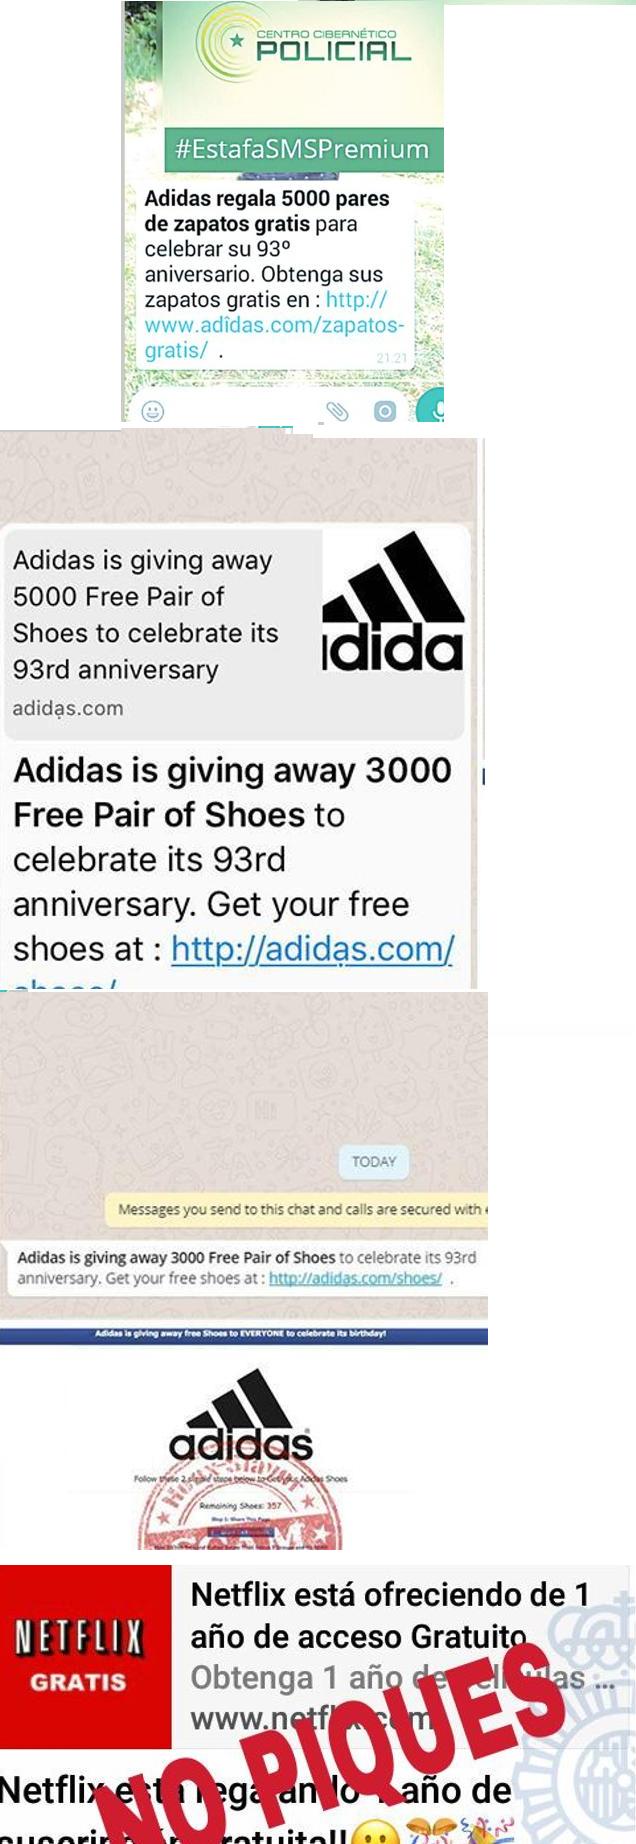 WhatsApp: Nueva estafa ofrece zapatillas gratis, mucho